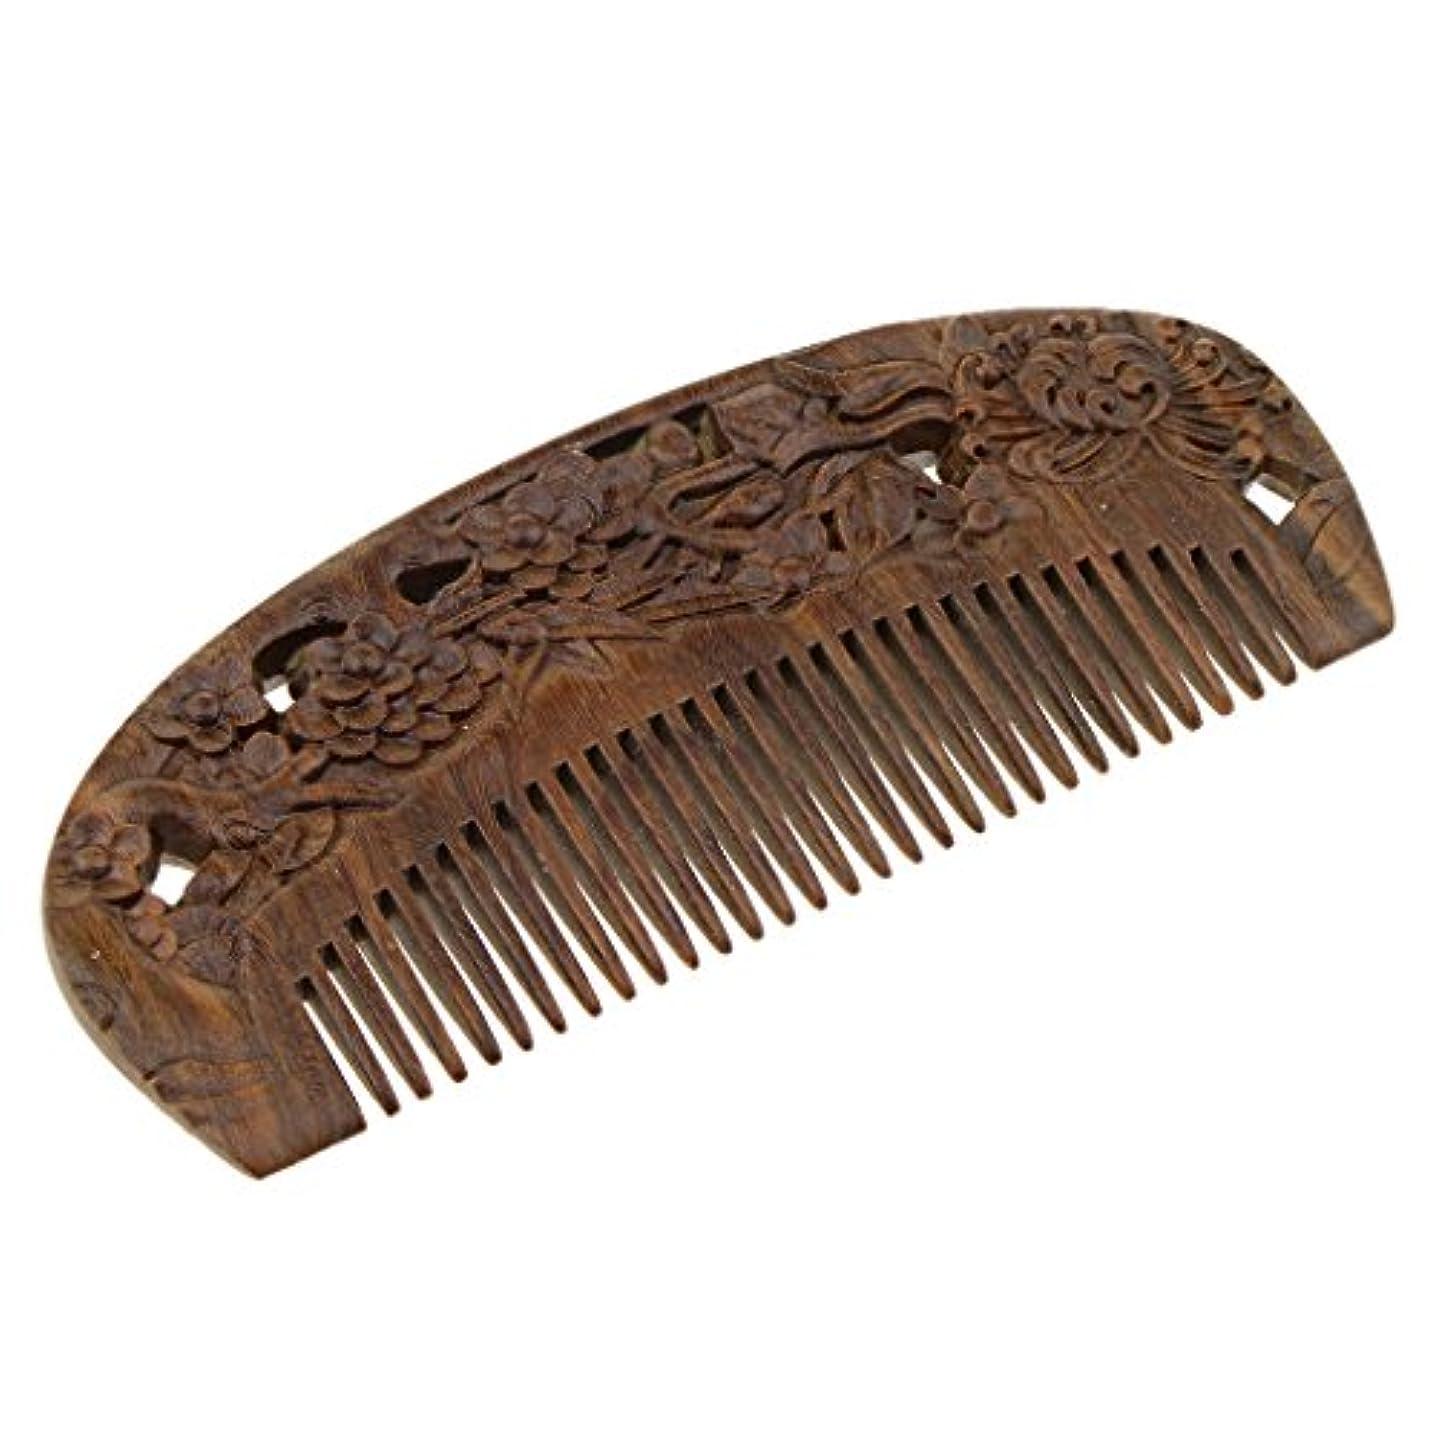 素敵なそばにフェードヘアコーム 木製櫛 頭皮マッサージ 櫛 ヘアスタイリング 高品質 2タイプ選べる - #2